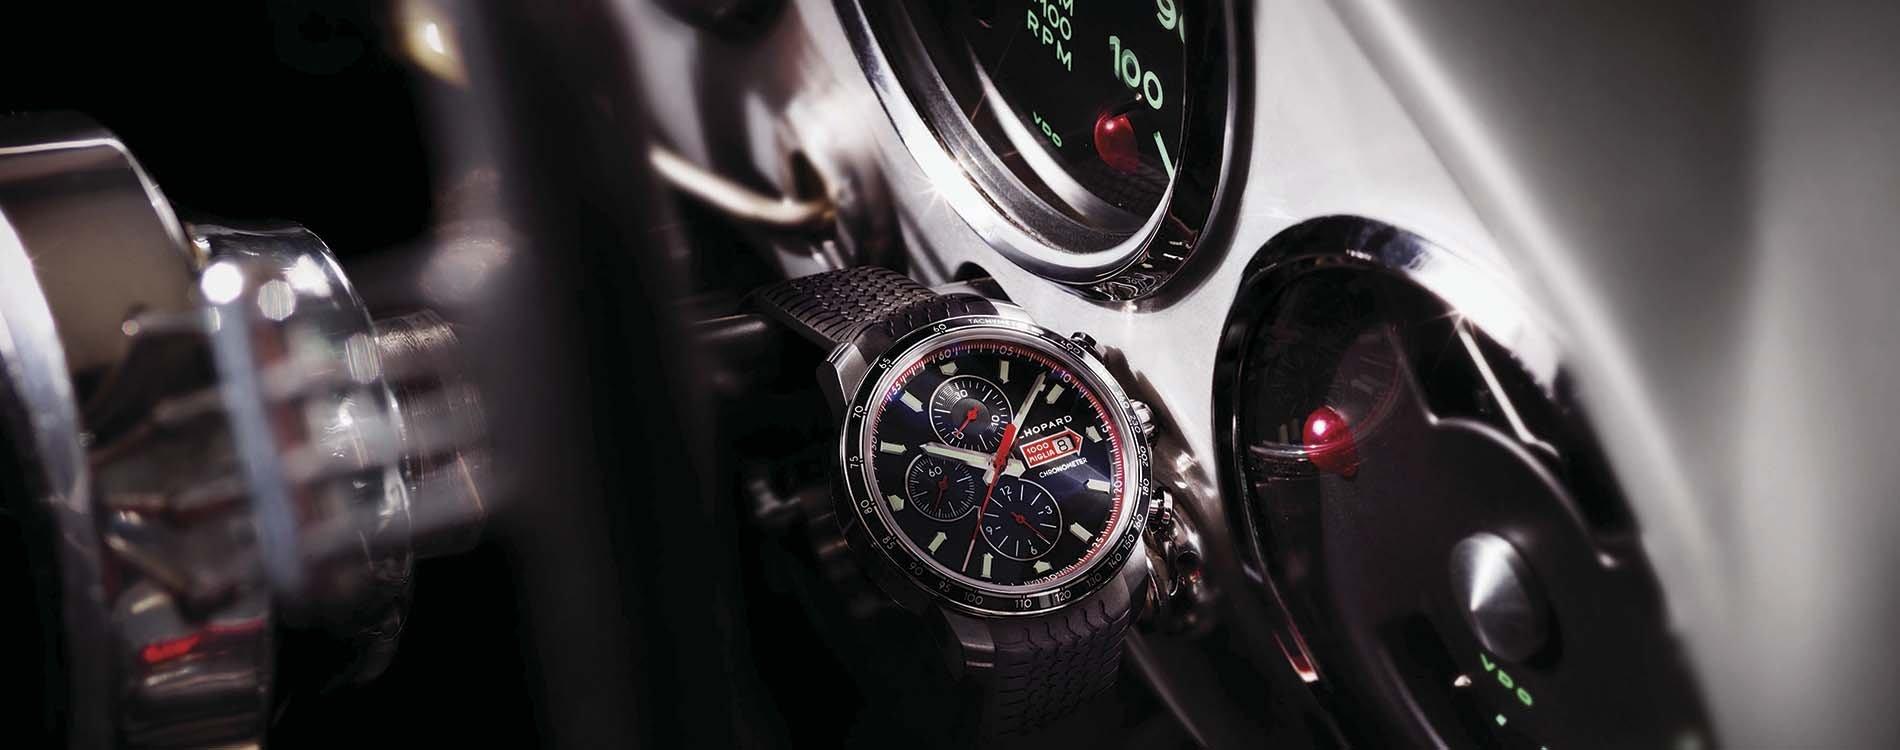 Mille Miglia GTS Chrono de Chopard compitiendo con estilo